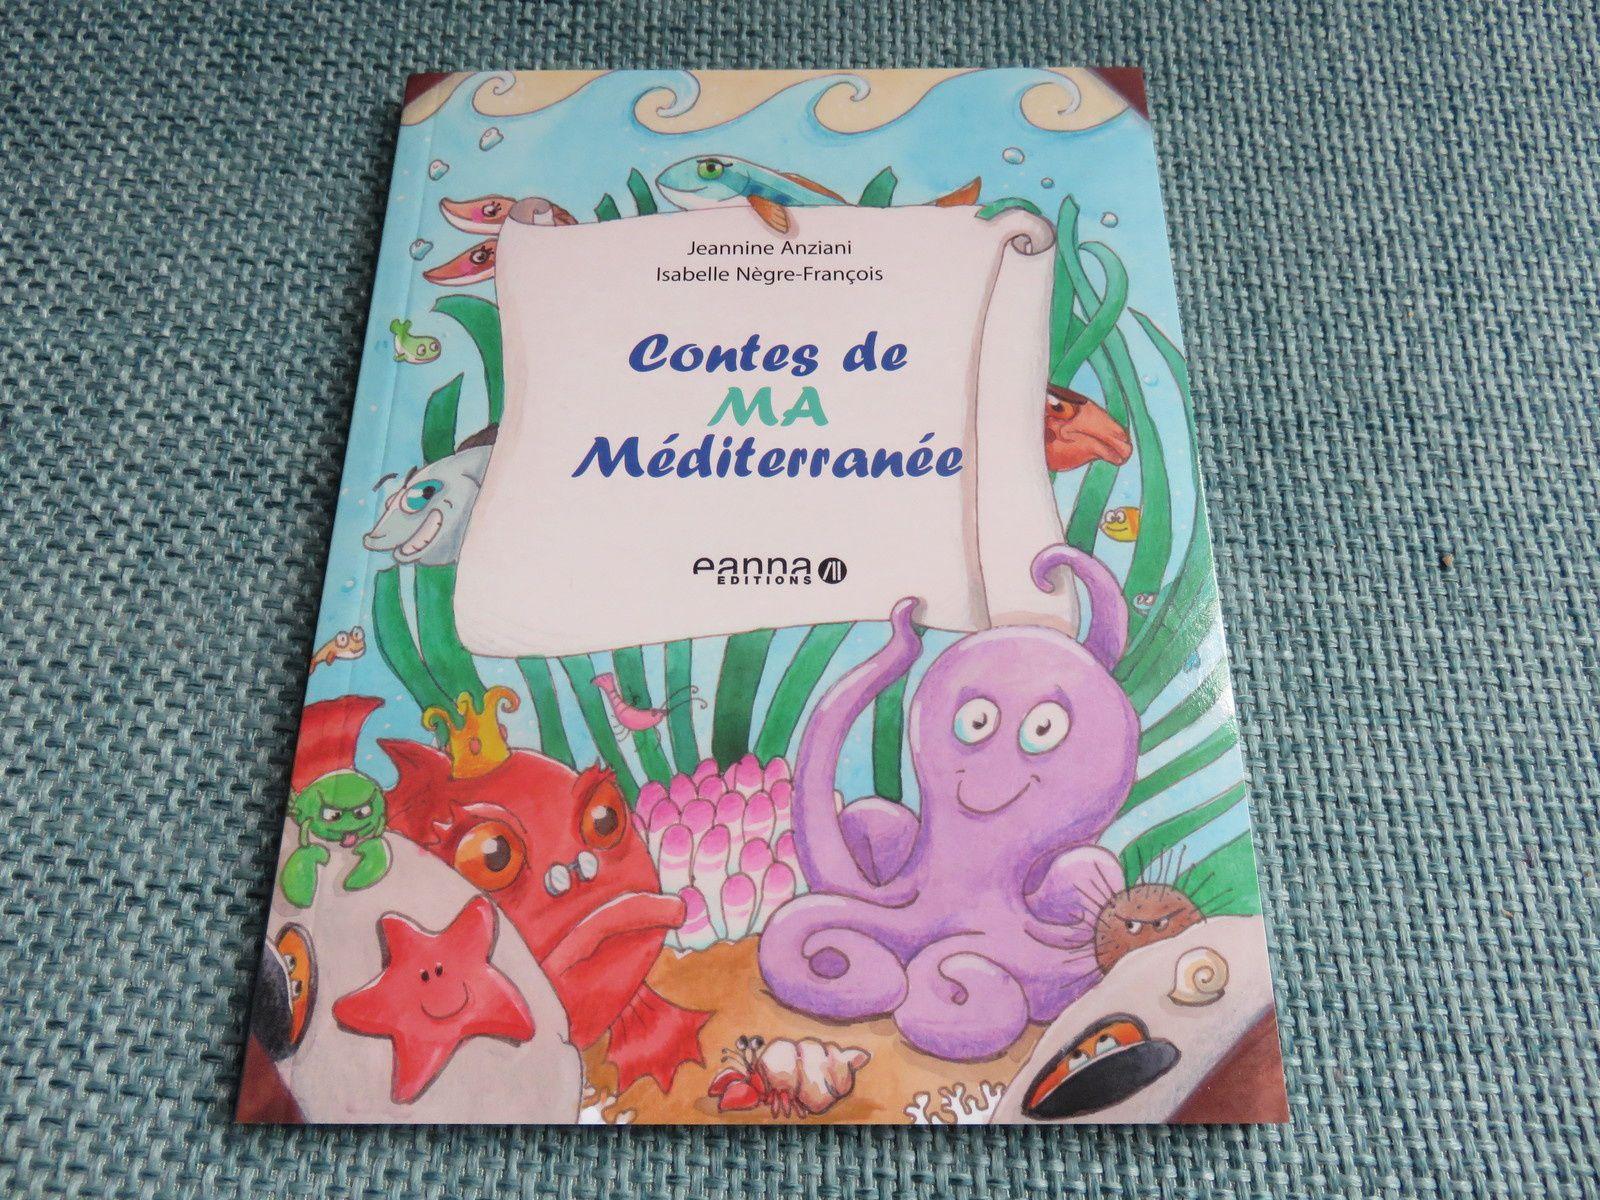 Contes de MA Méditerranée